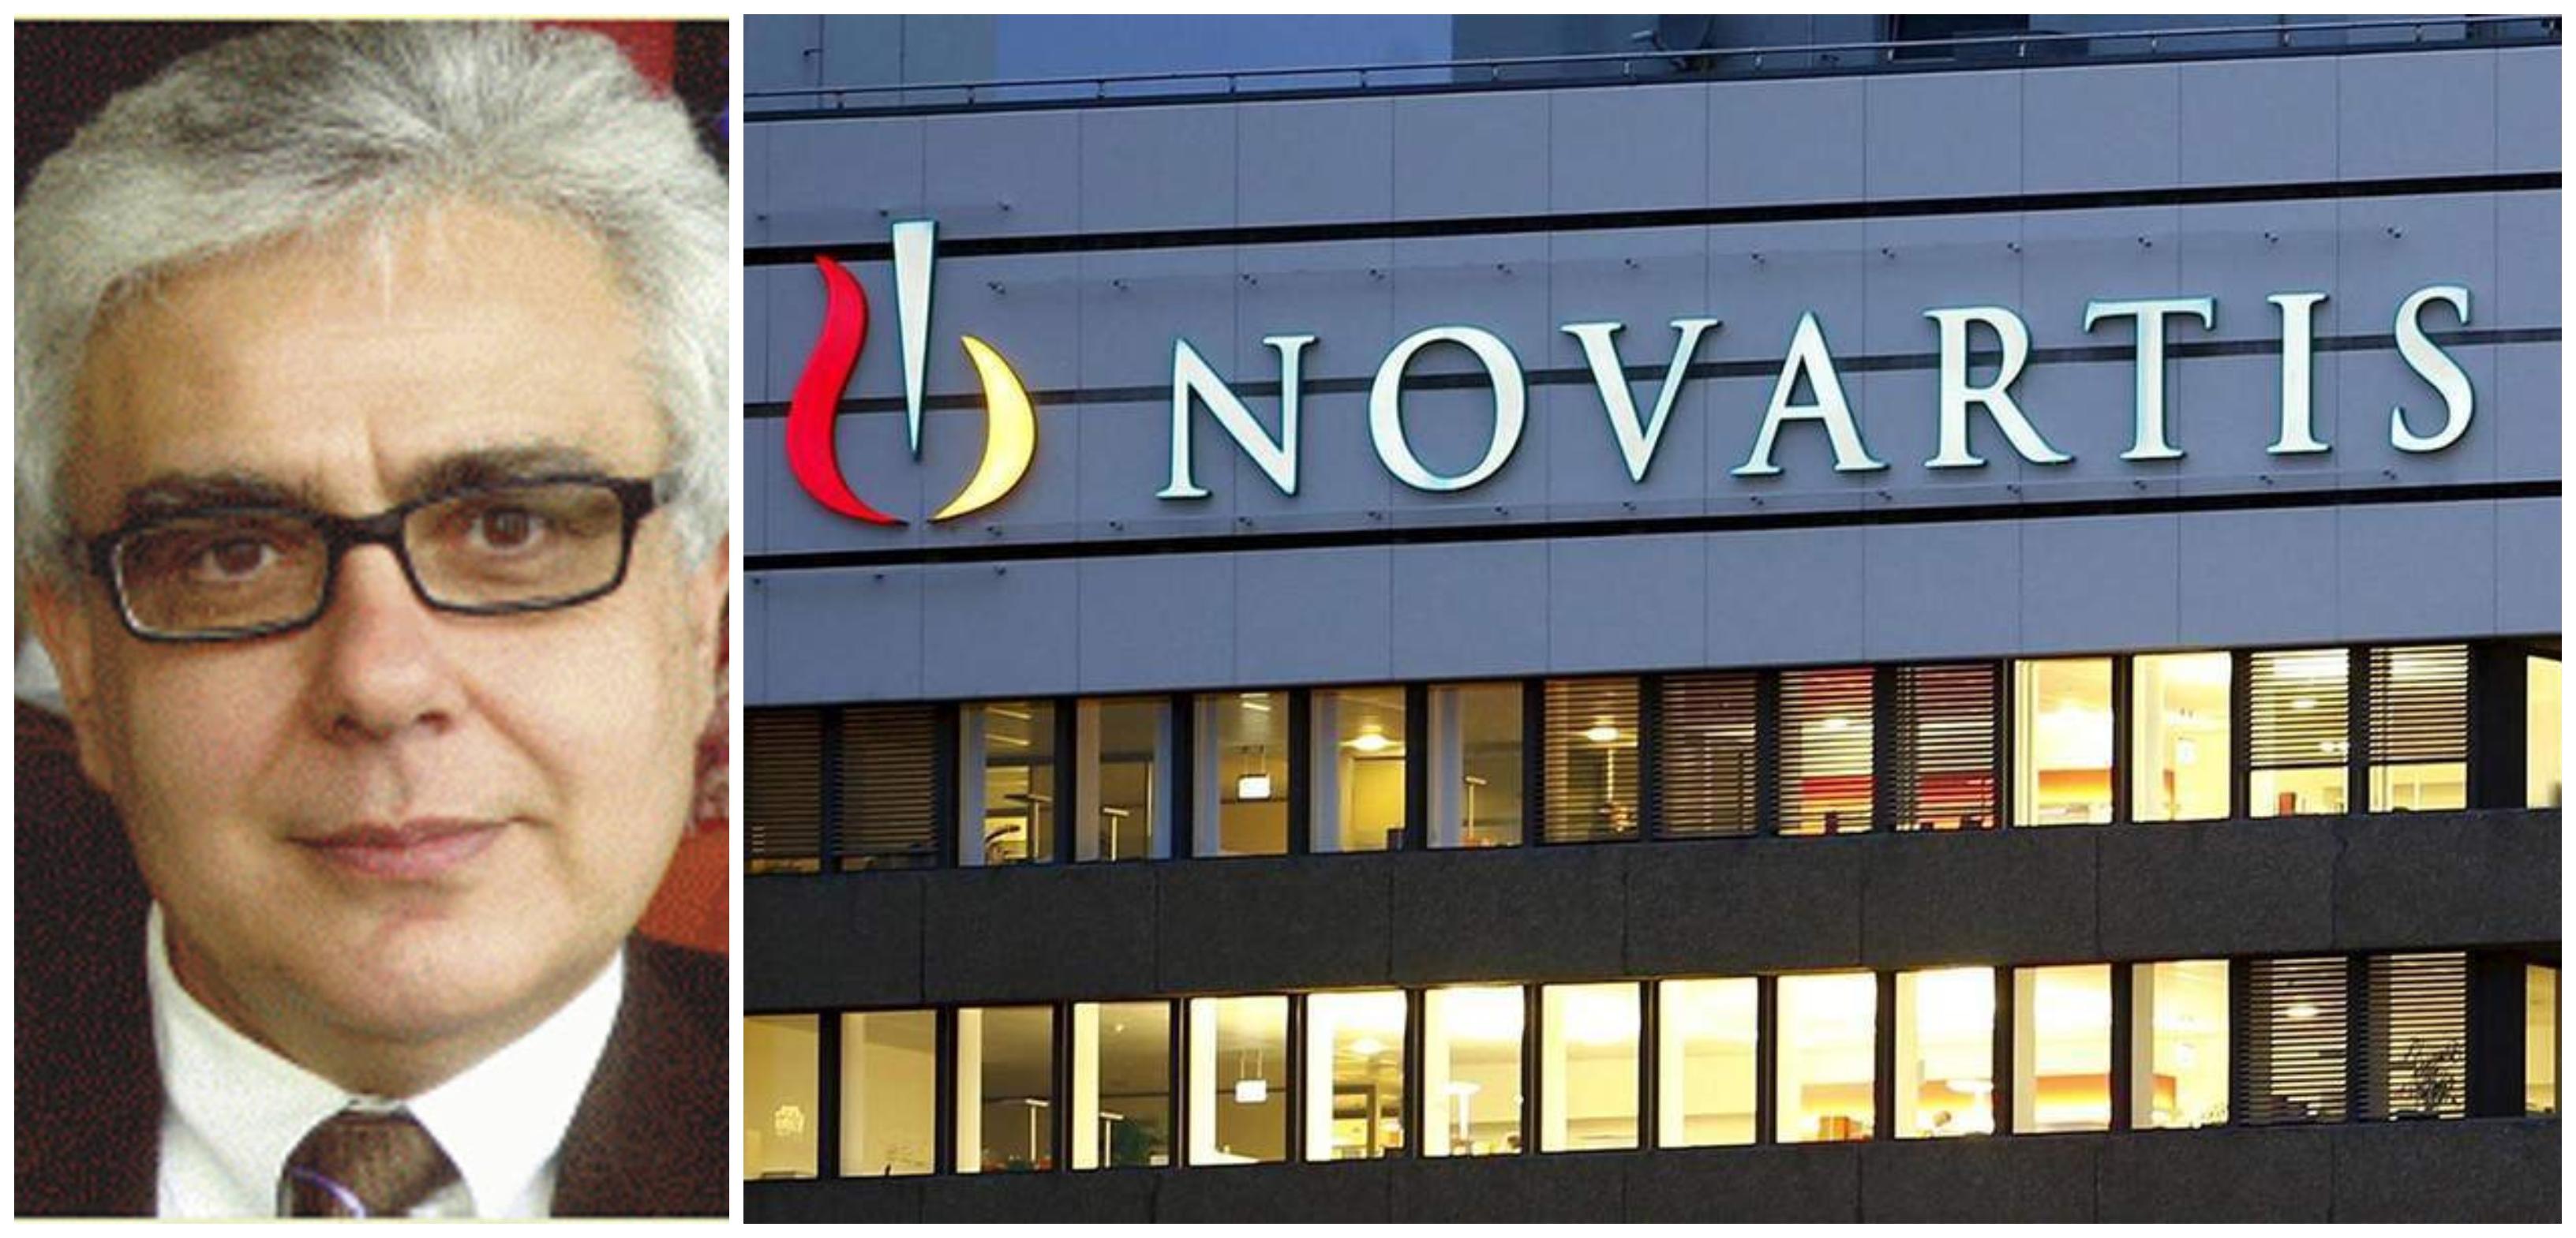 Νίκος Σαλάτας: Παρεμβάσεις Παπαγγελόπουλου και στην πρώην ηγεσία του Αρείου Πάγου-Πρέπει να ερευνηθούν Βασιλική Θάνου και Ξένη Δημητρίου